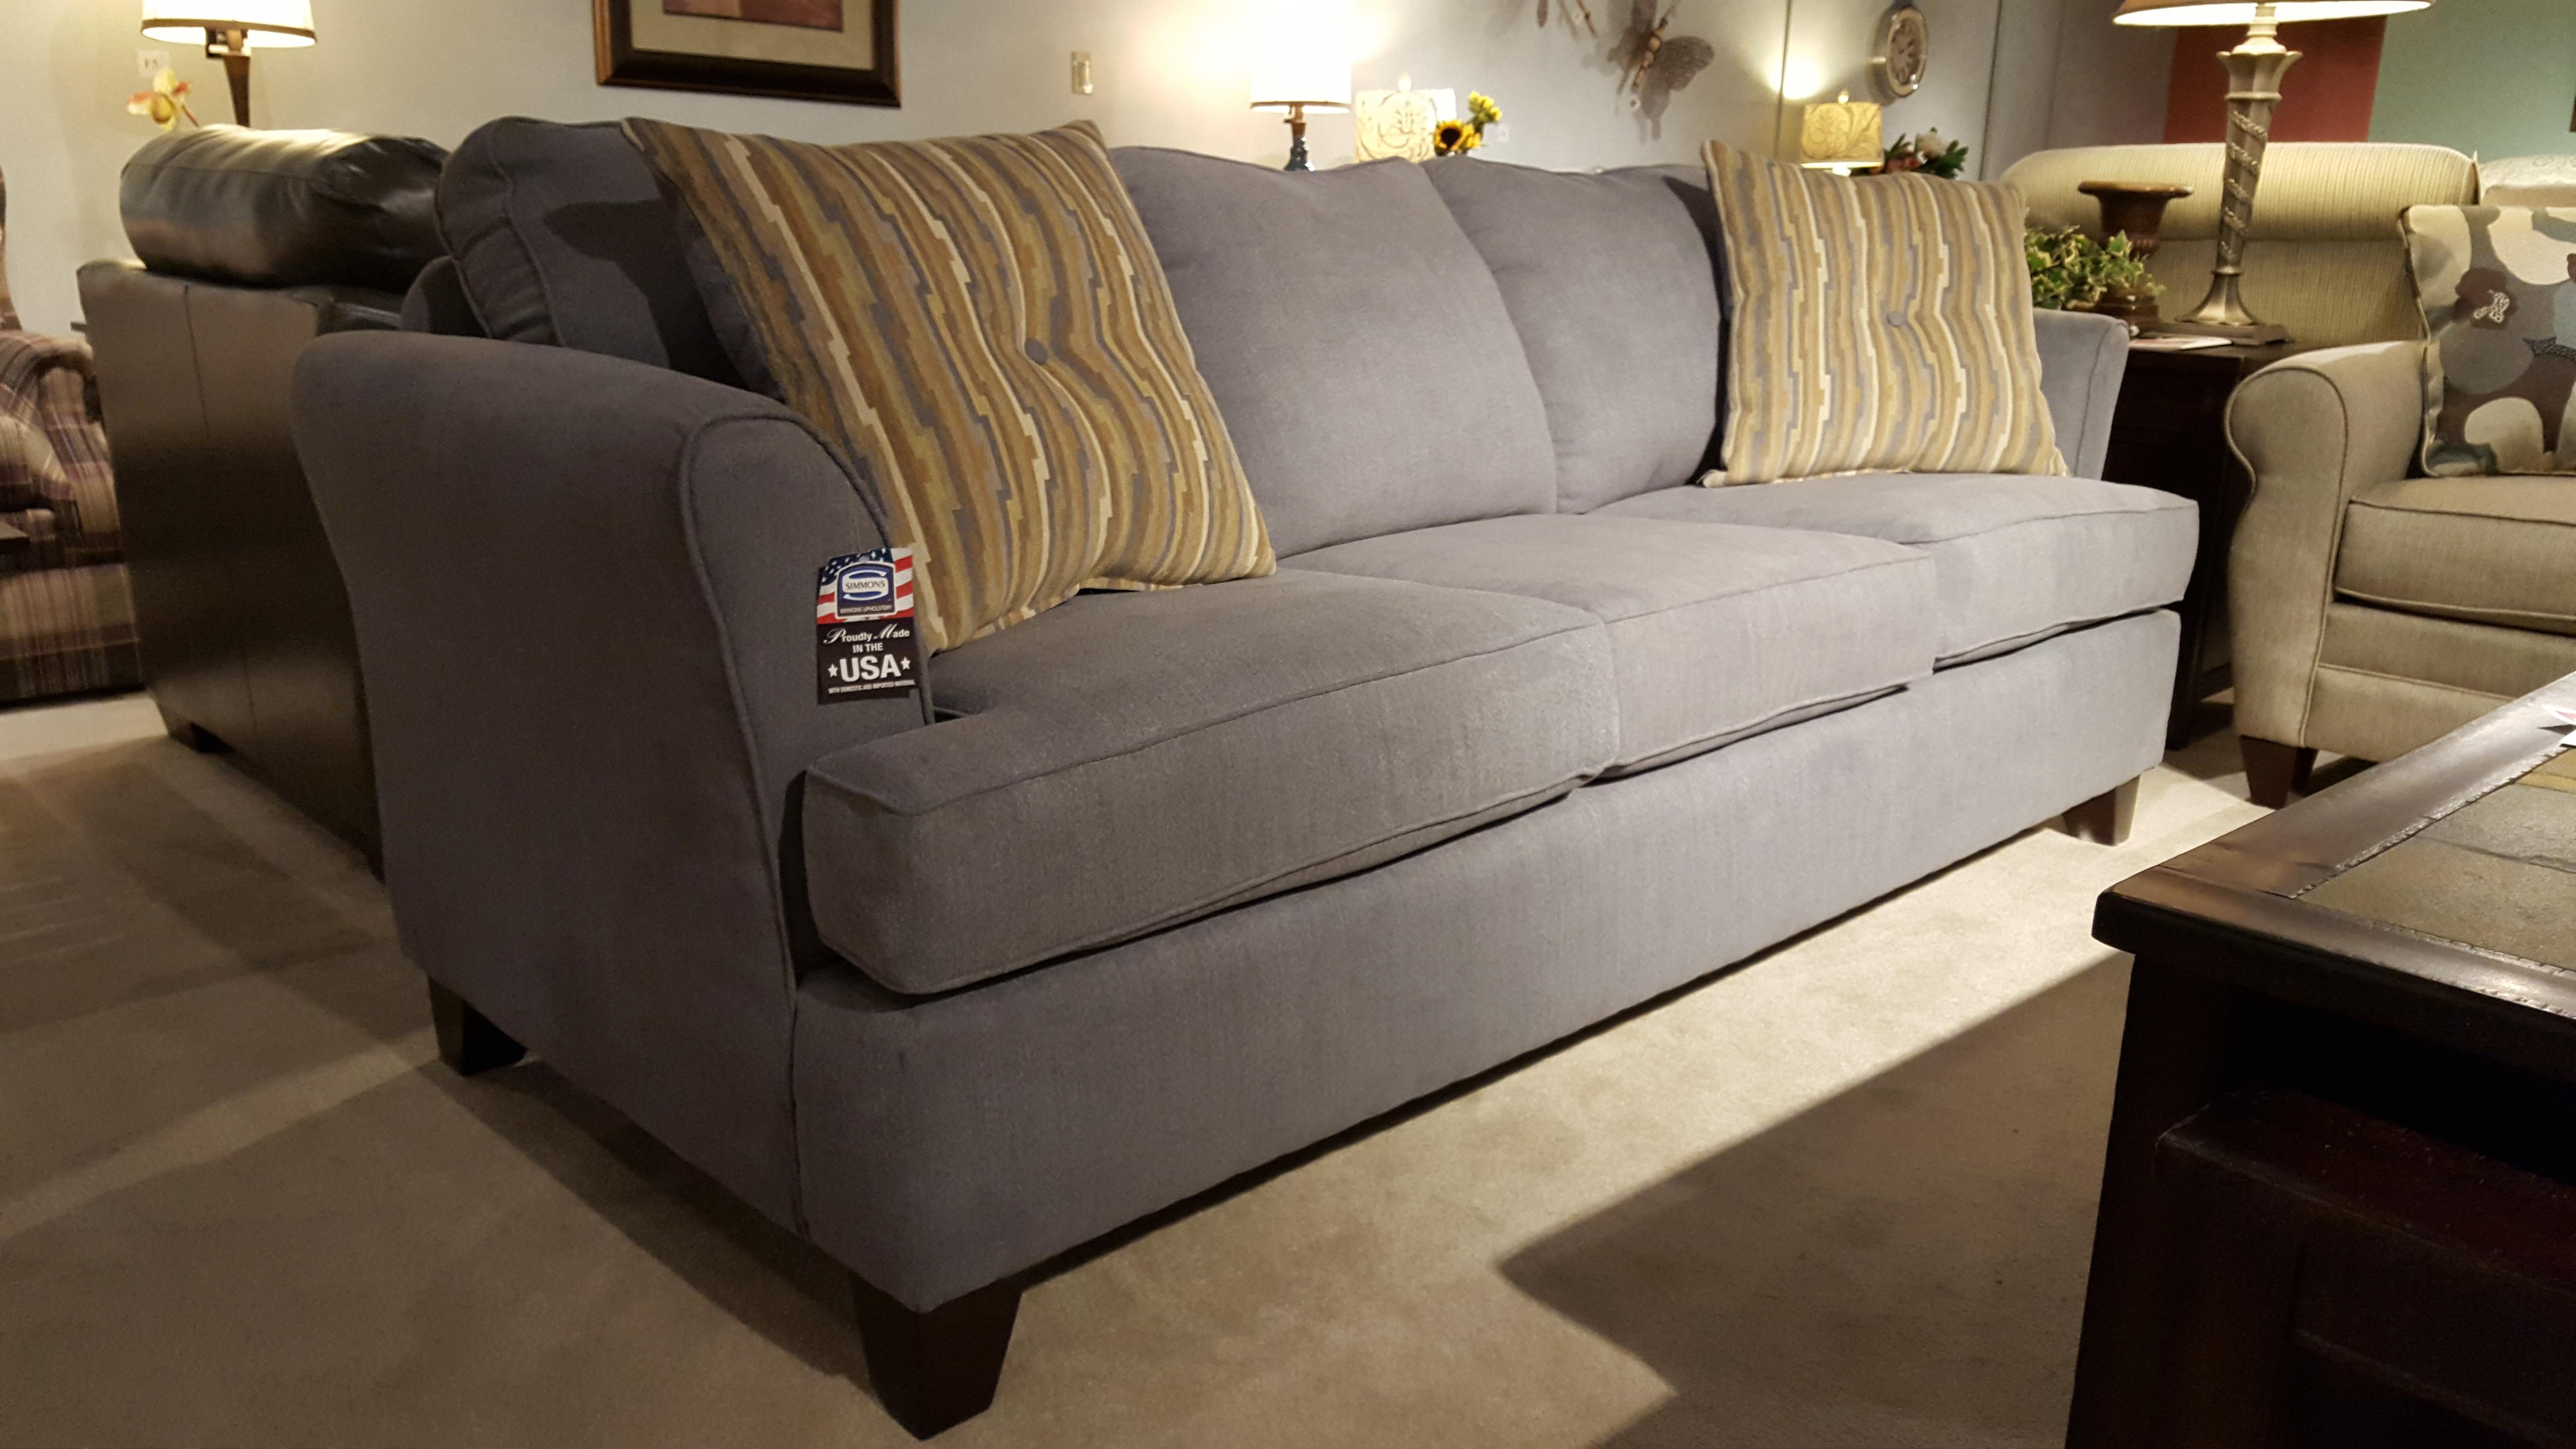 2049 SOFA - Furniture Store Bangor, Maine, Living Room ... - photo#50